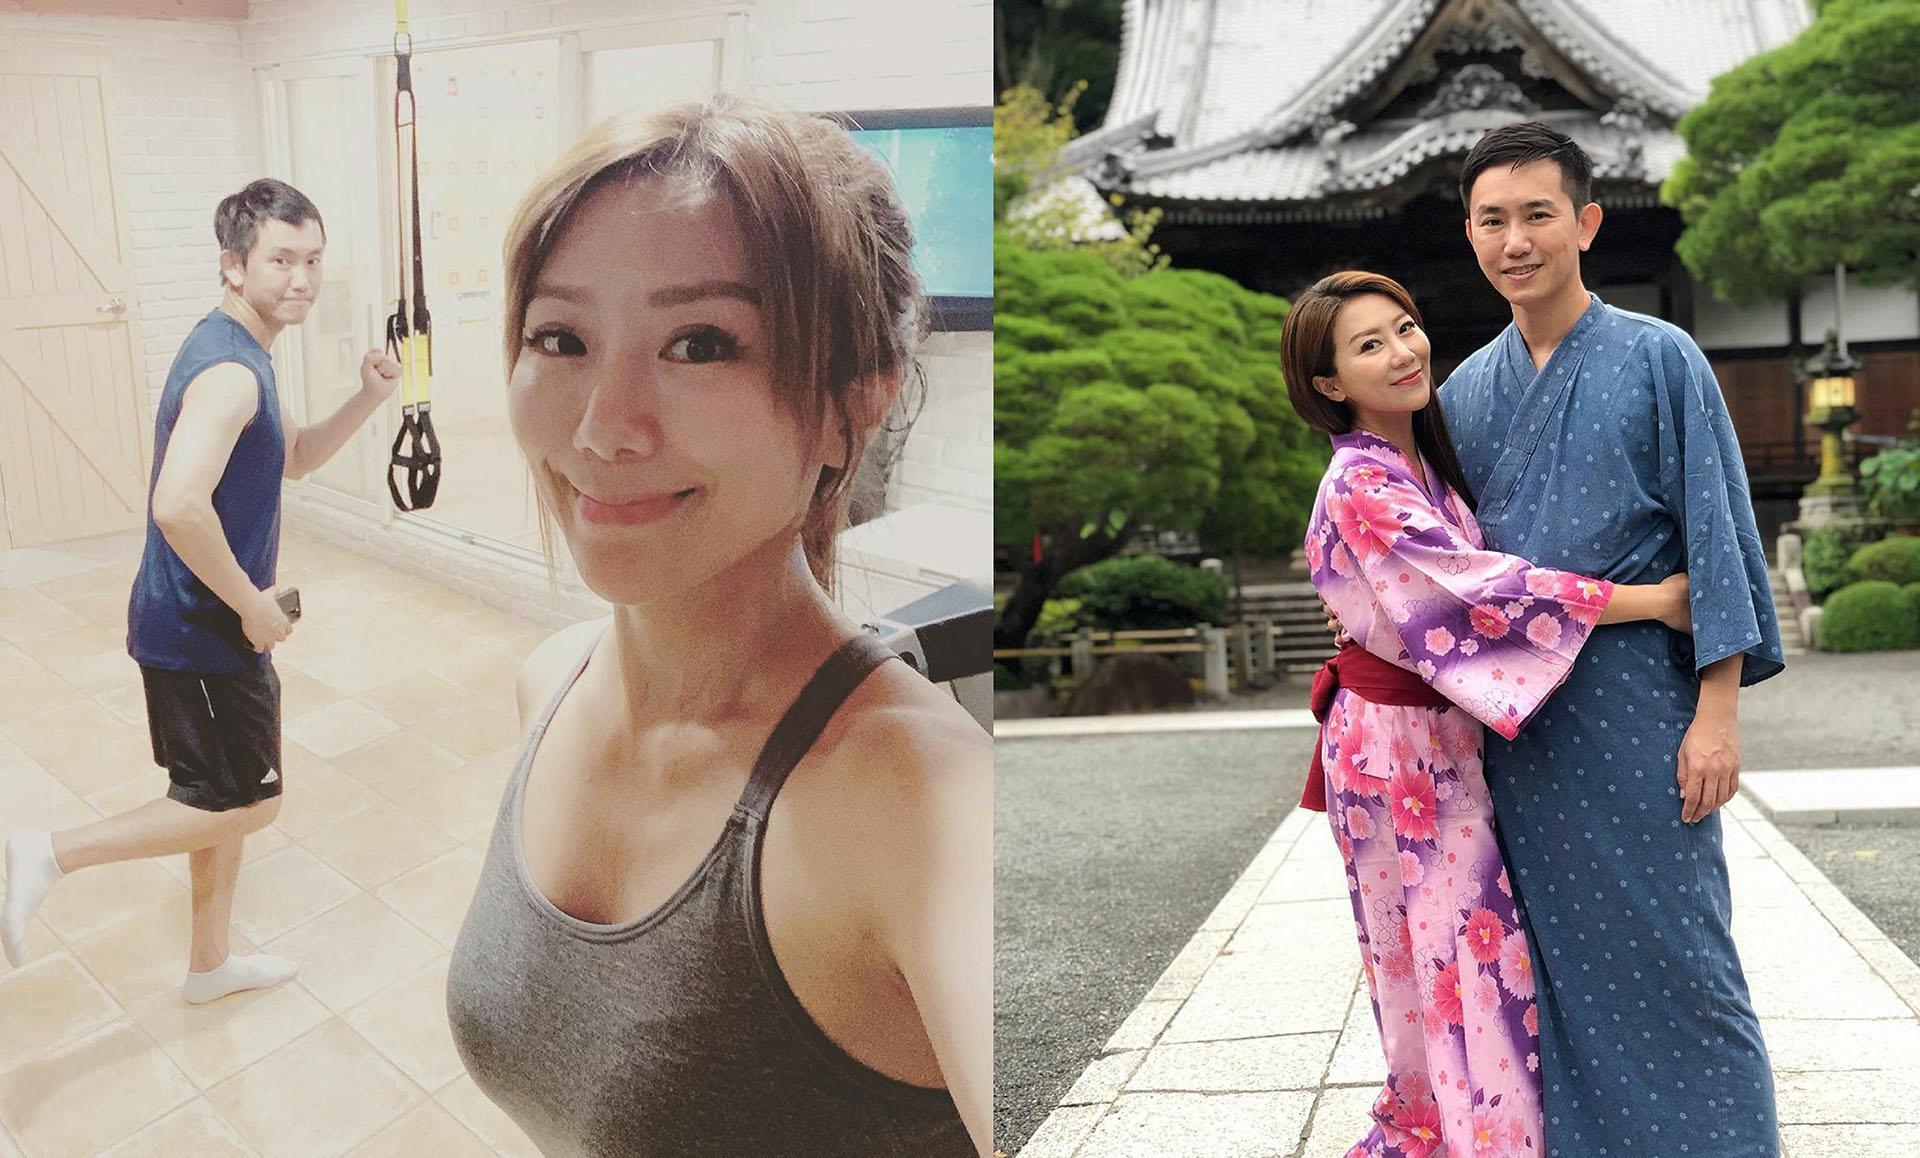 「台灣好媳婦」佩甄與王祚軒醫師結婚12年,育有1對寶貝兒女